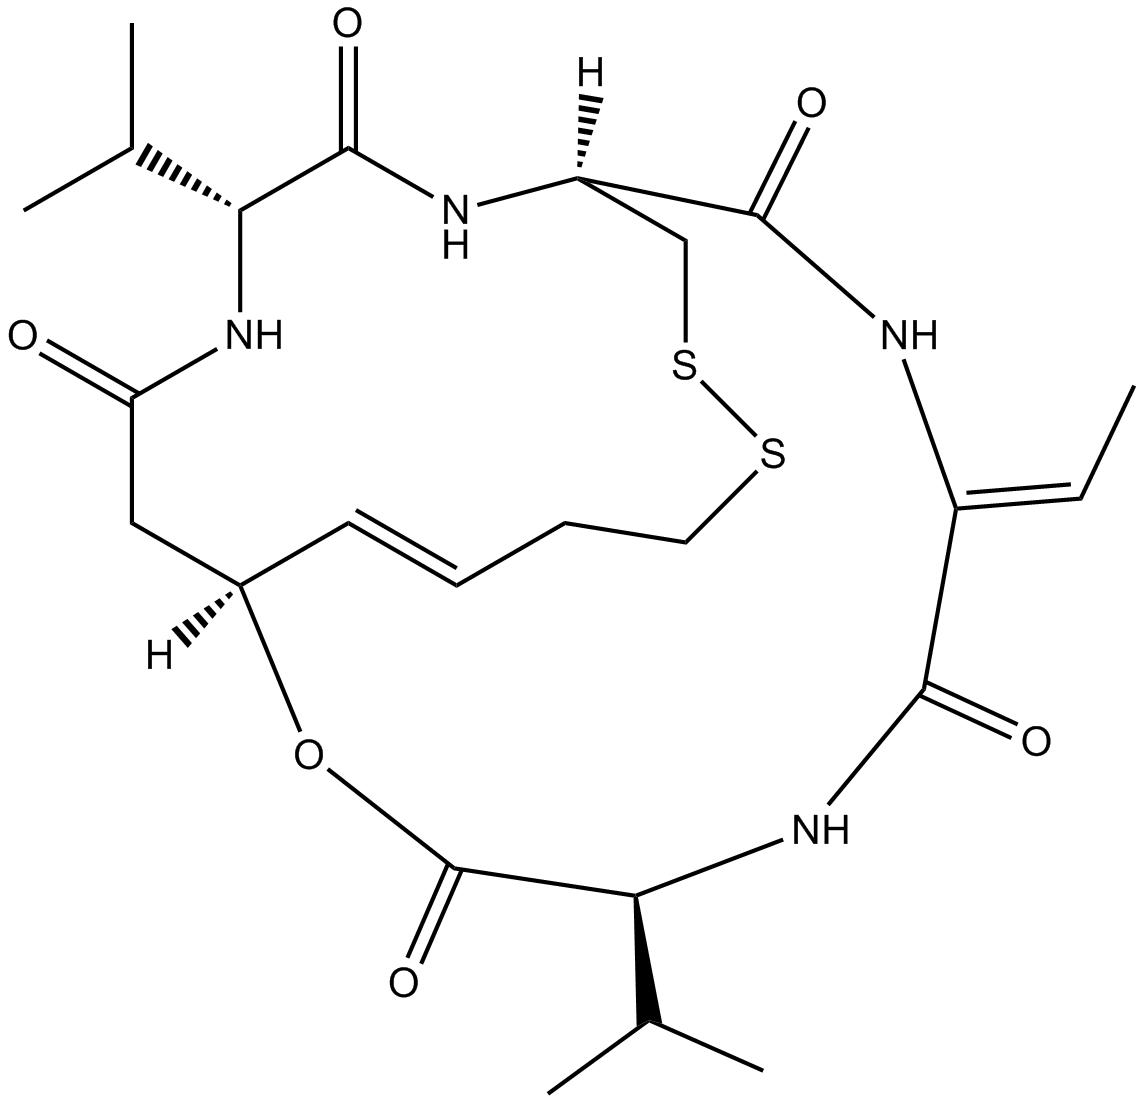 Romidepsin (FK228, depsipeptide)